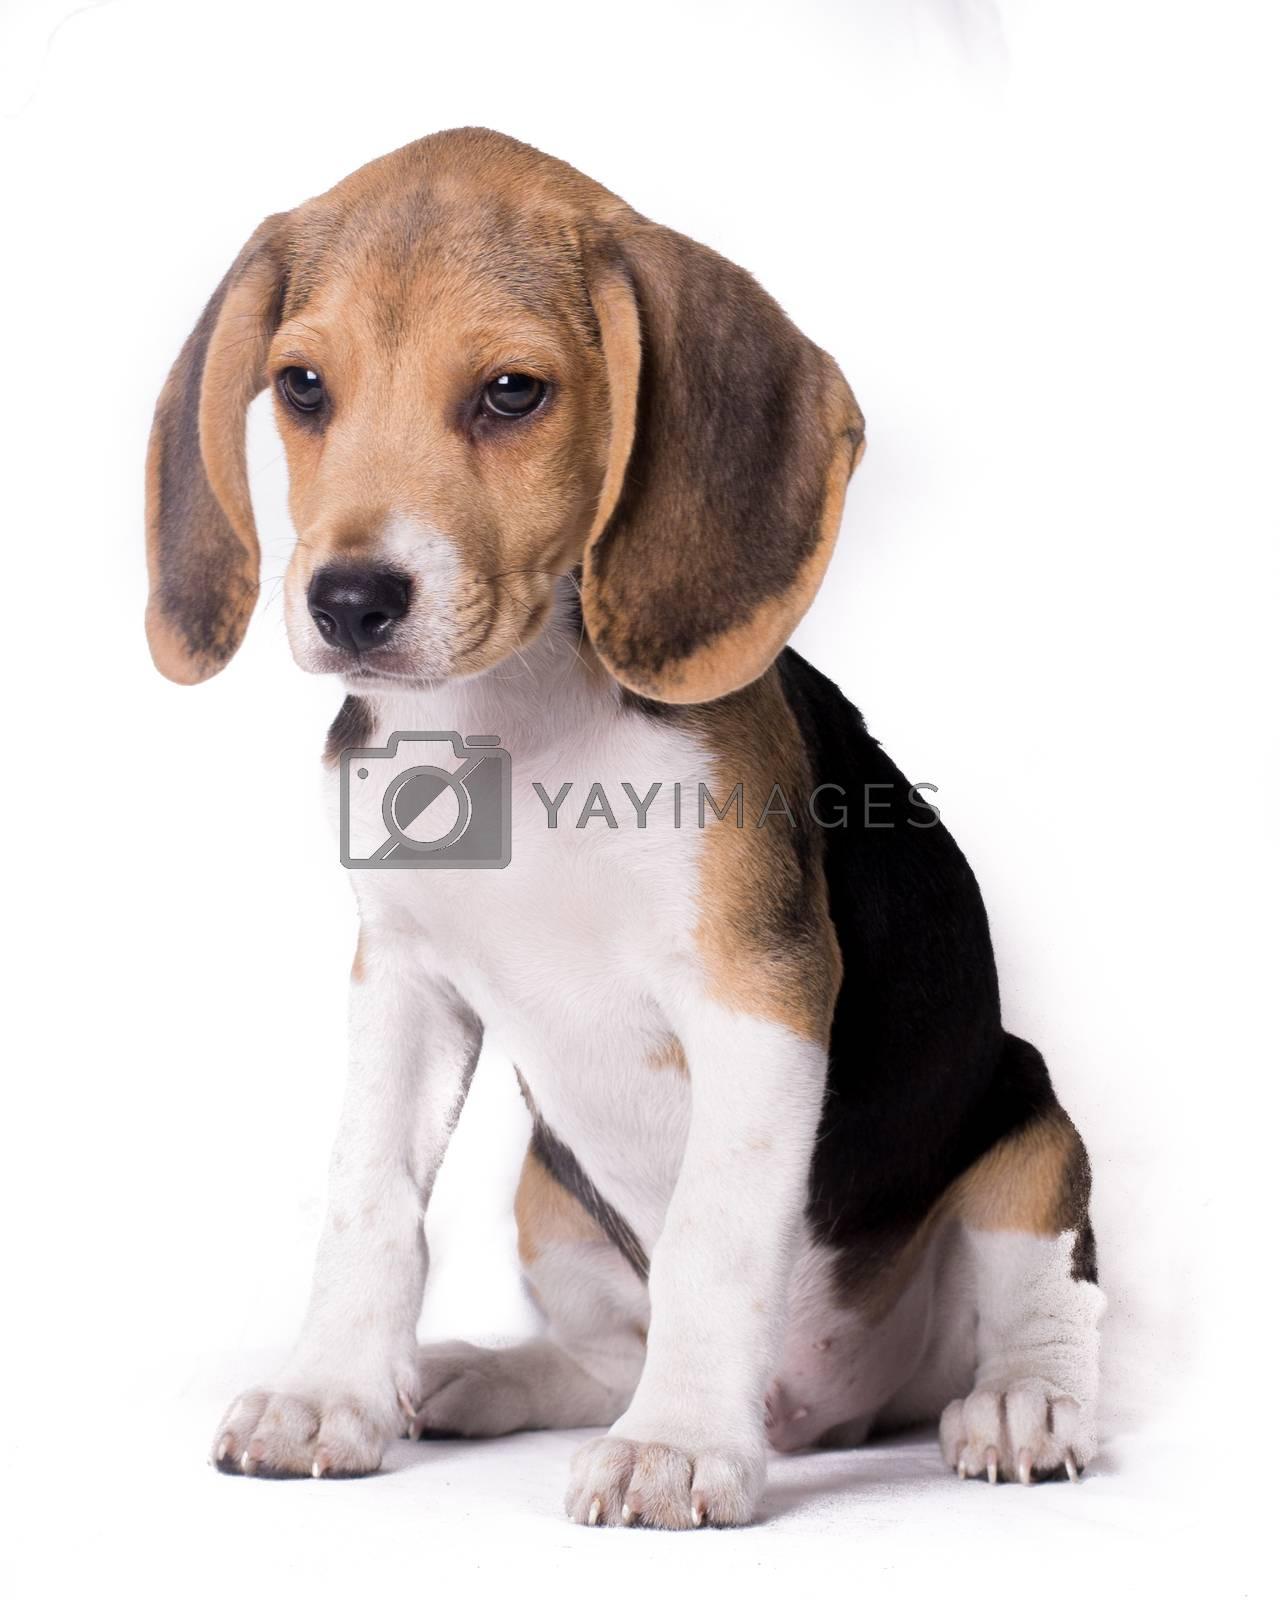 Full body portrait of beagle dog isolated on white bakcground  by Endika